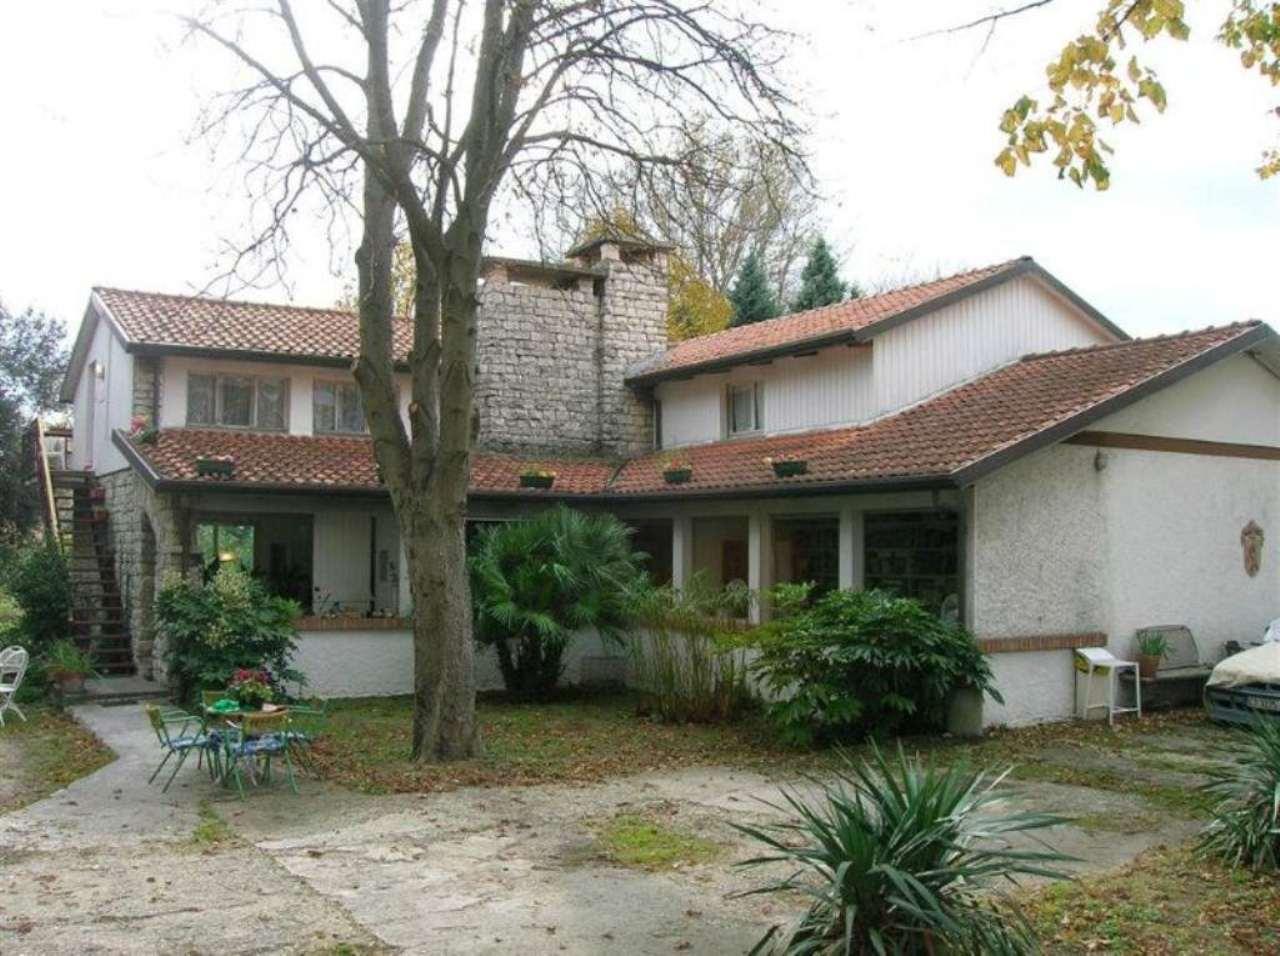 Soluzione Indipendente in vendita a Cattolica, 27 locali, prezzo € 749.000 | Cambio Casa.it